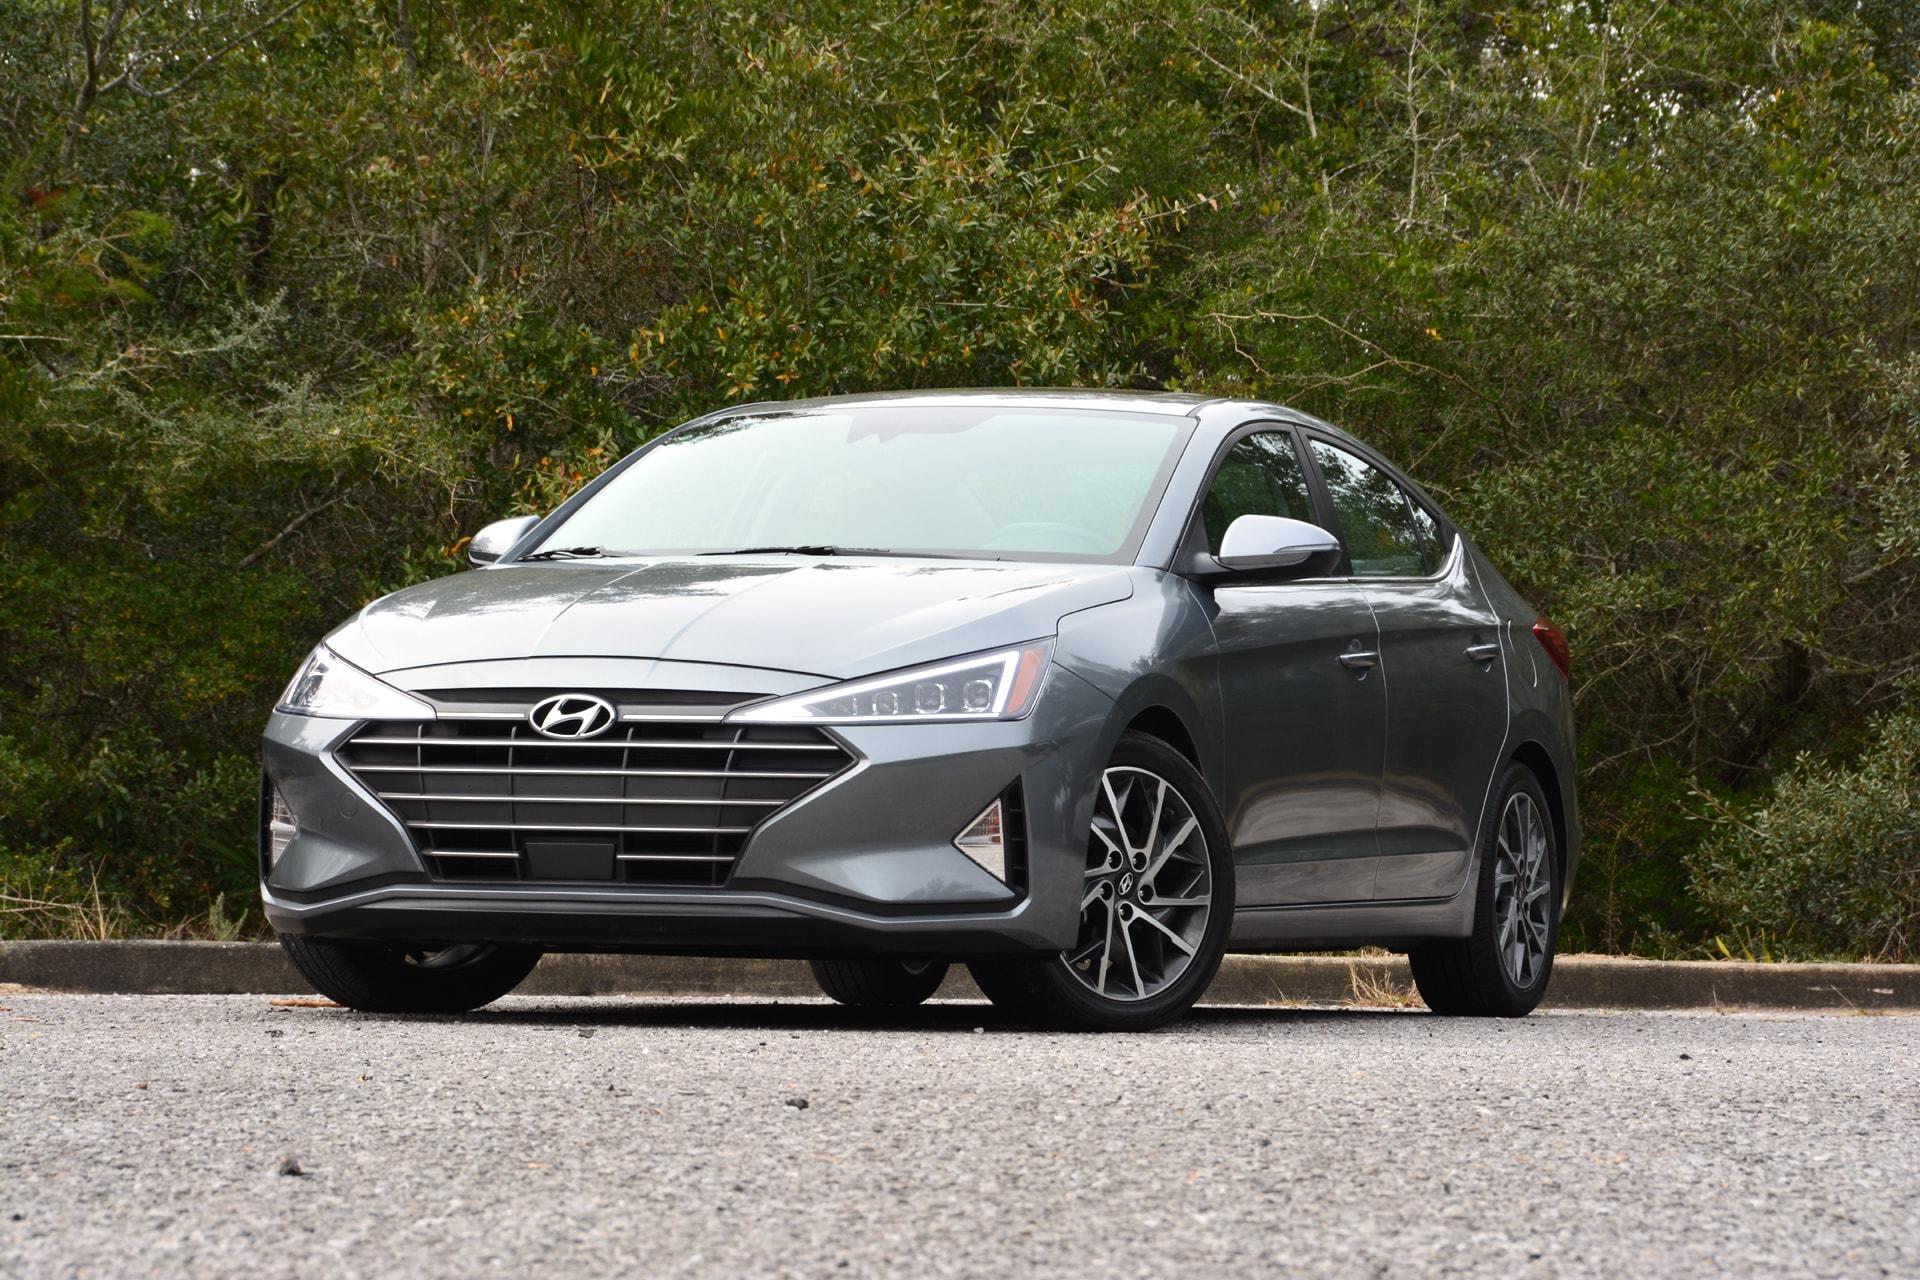 2019 Hyundai Elantra Test Drive